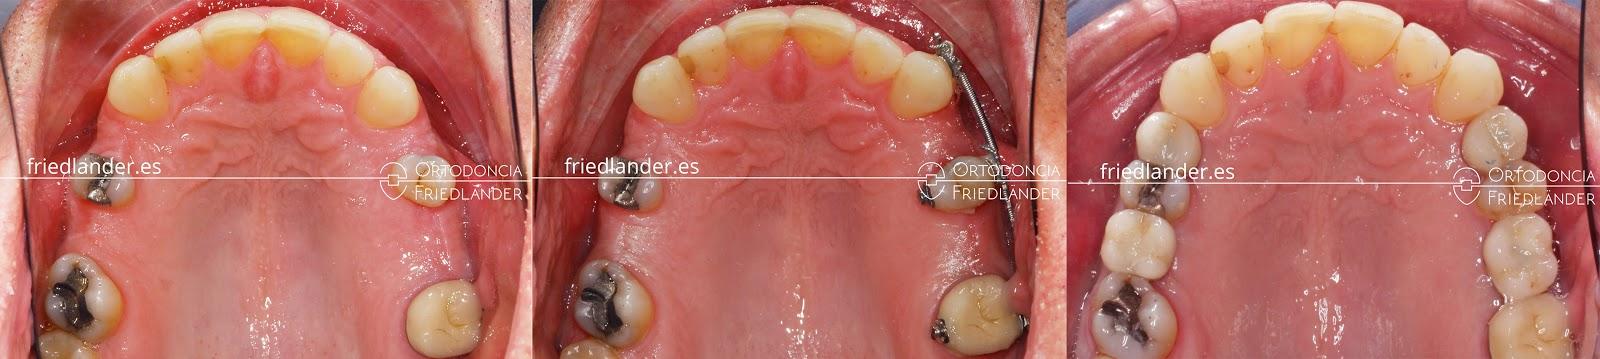 Me falta una muela - ¿se puede cerrar el espacio con ortodoncia? 9